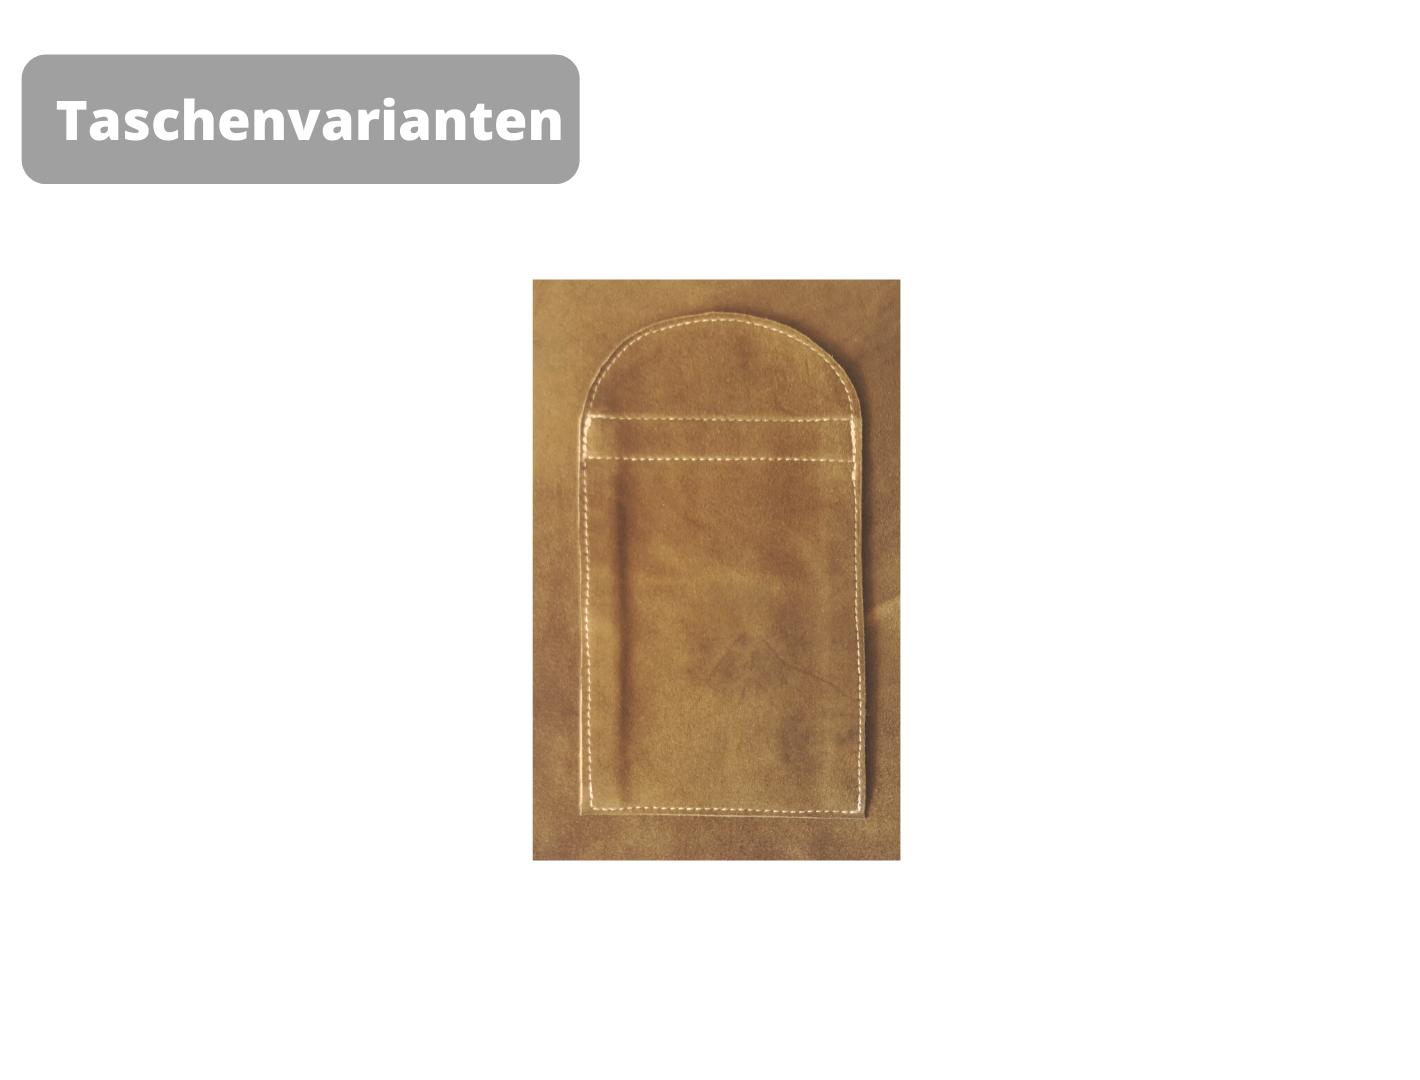 Taschenvariante Lederhose (9)